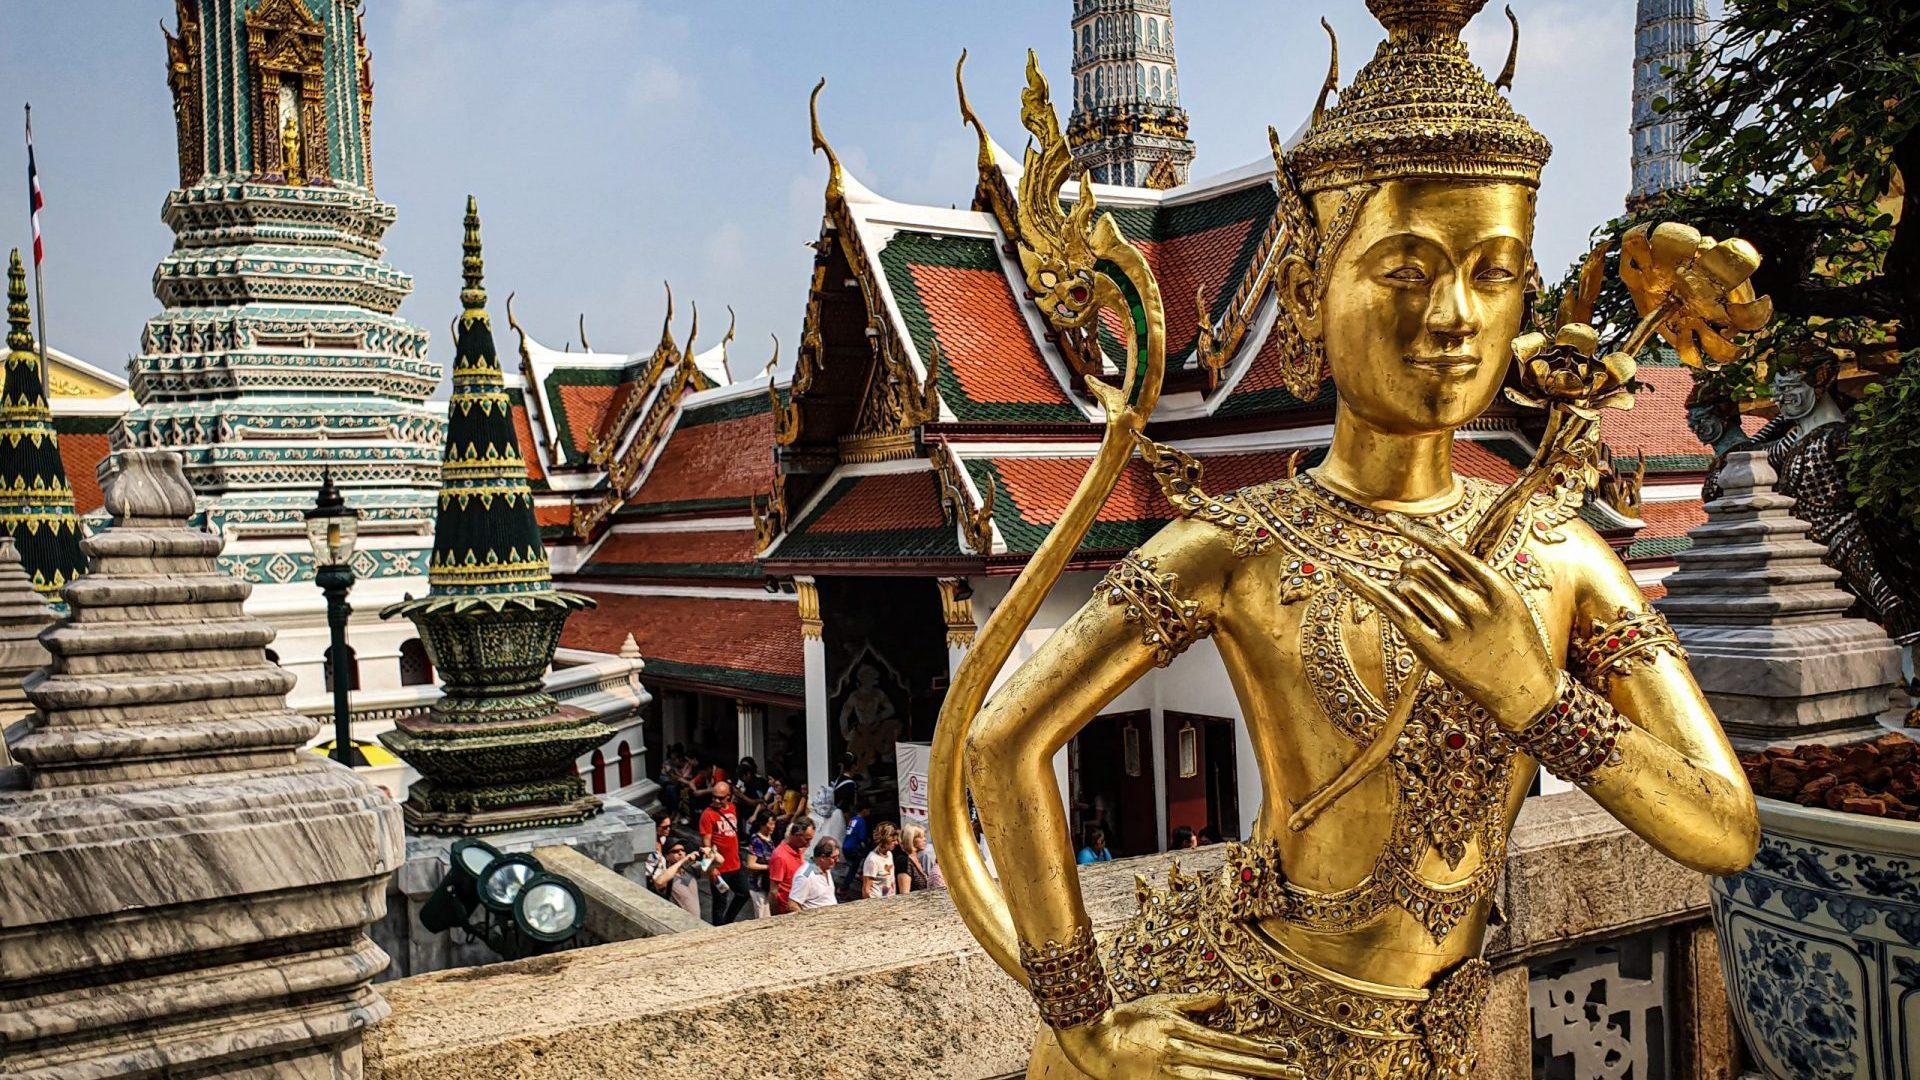 Bankok Royal Palace: Wat Phra Kaew gouden beelden met tempel achtergrond